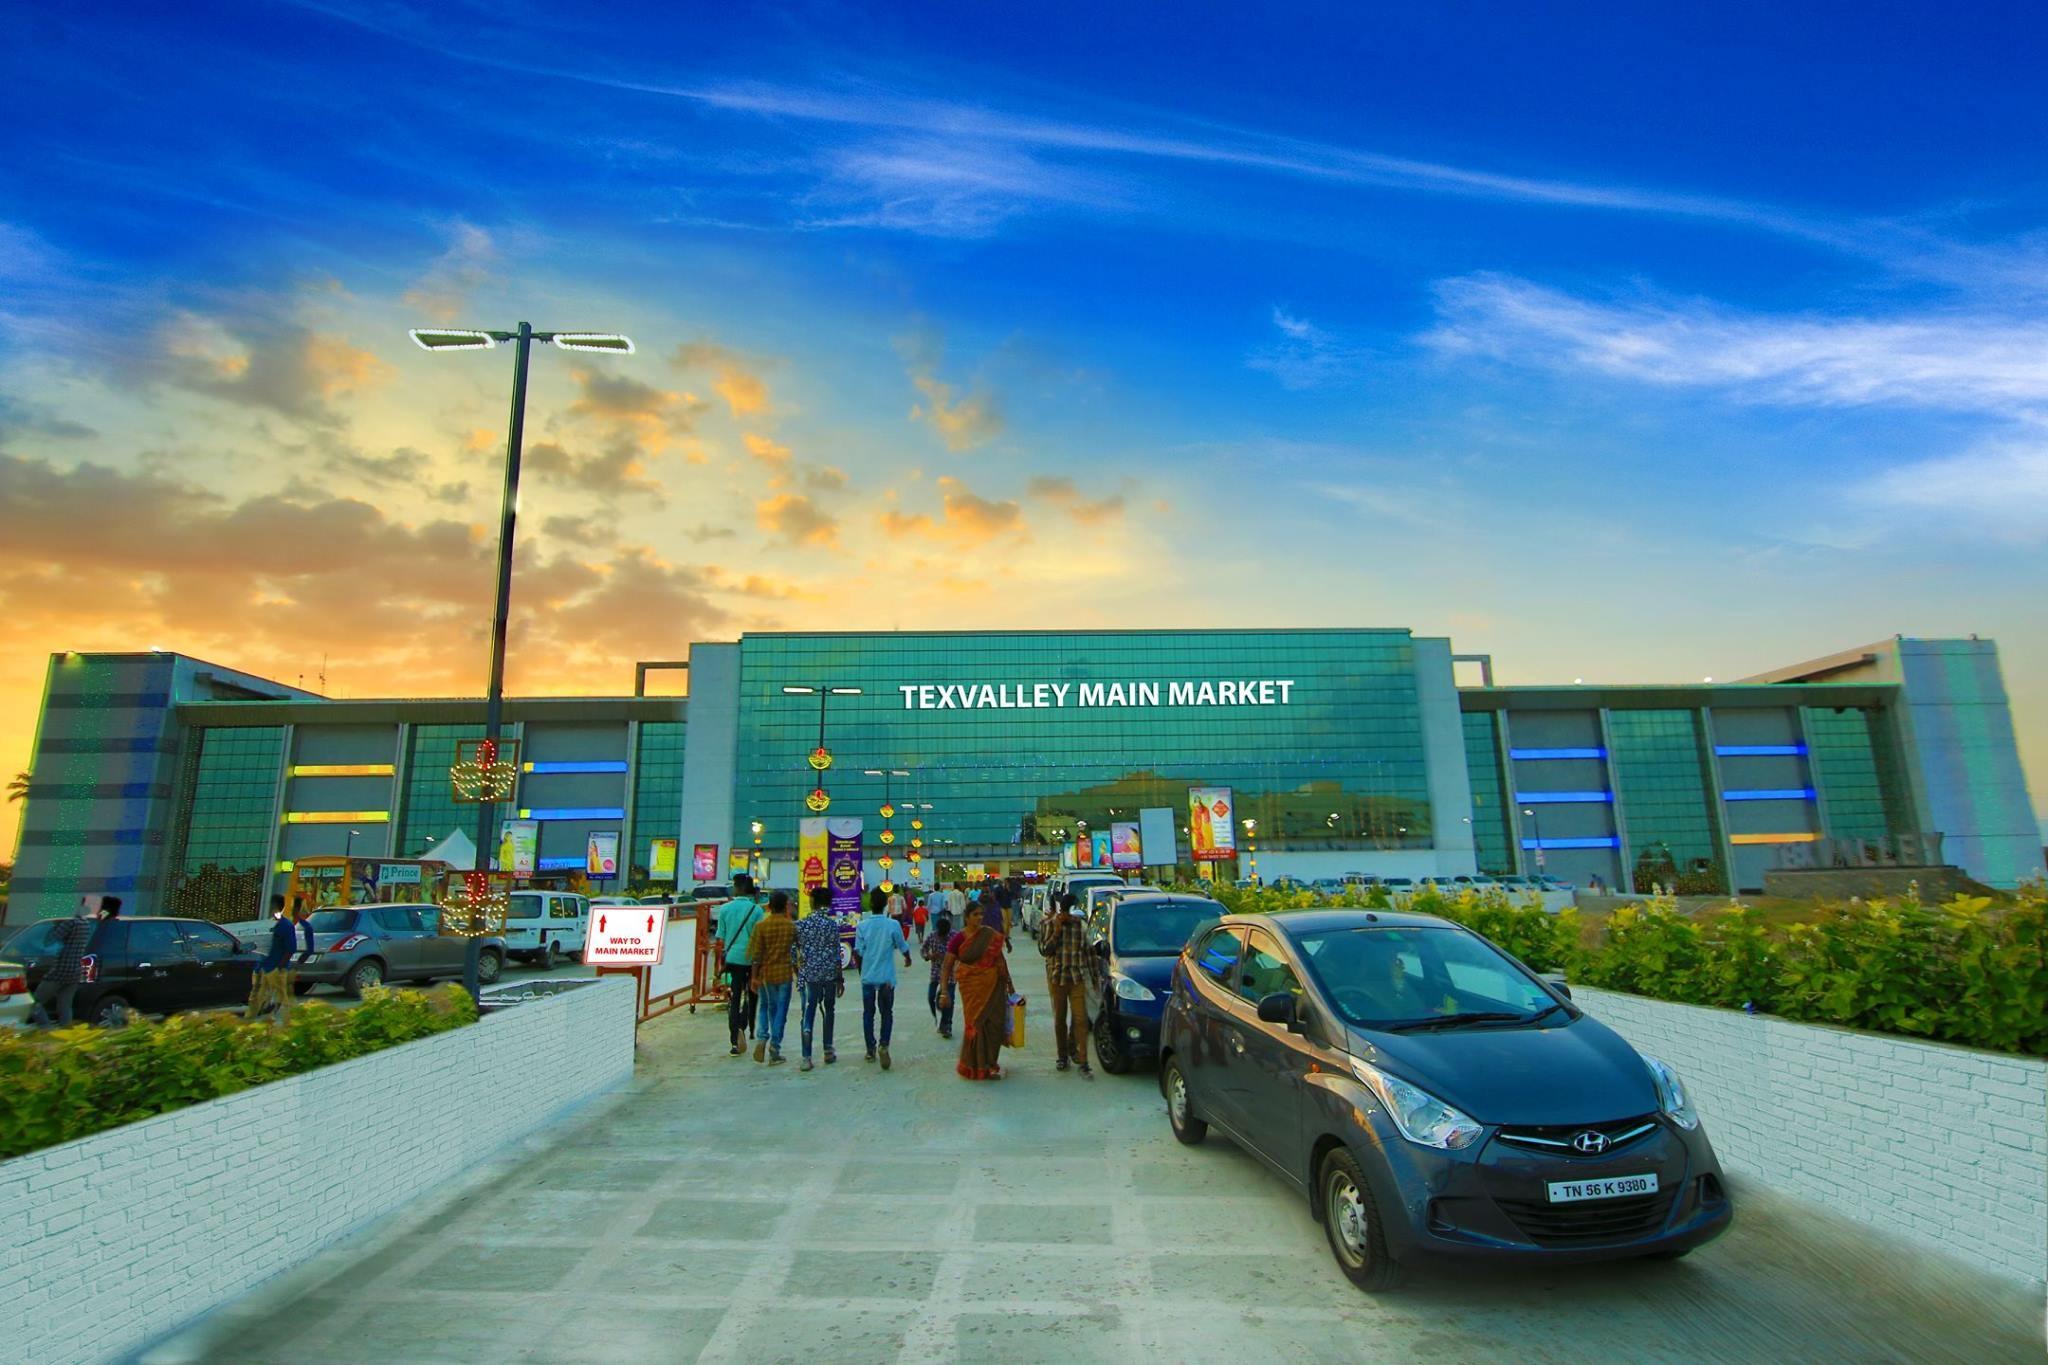 TEXVALLEY - Erode Textile Mall Pvt Ltd   LinkedIn